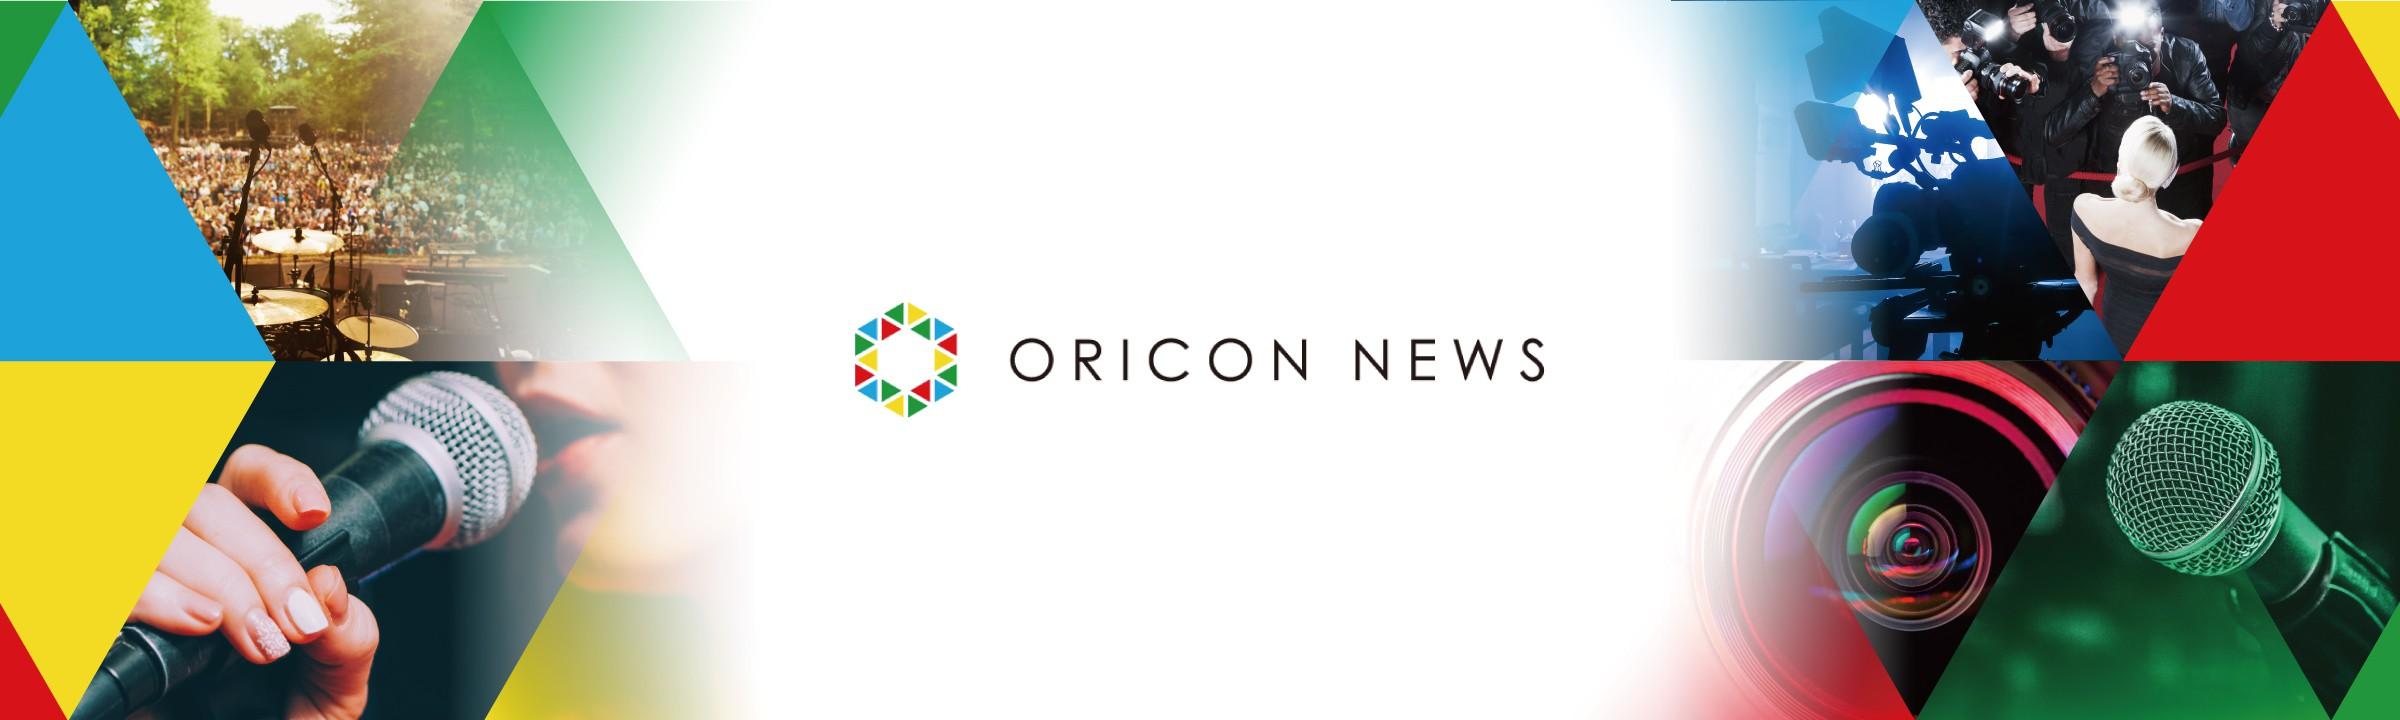 特集 ORICON NEWS